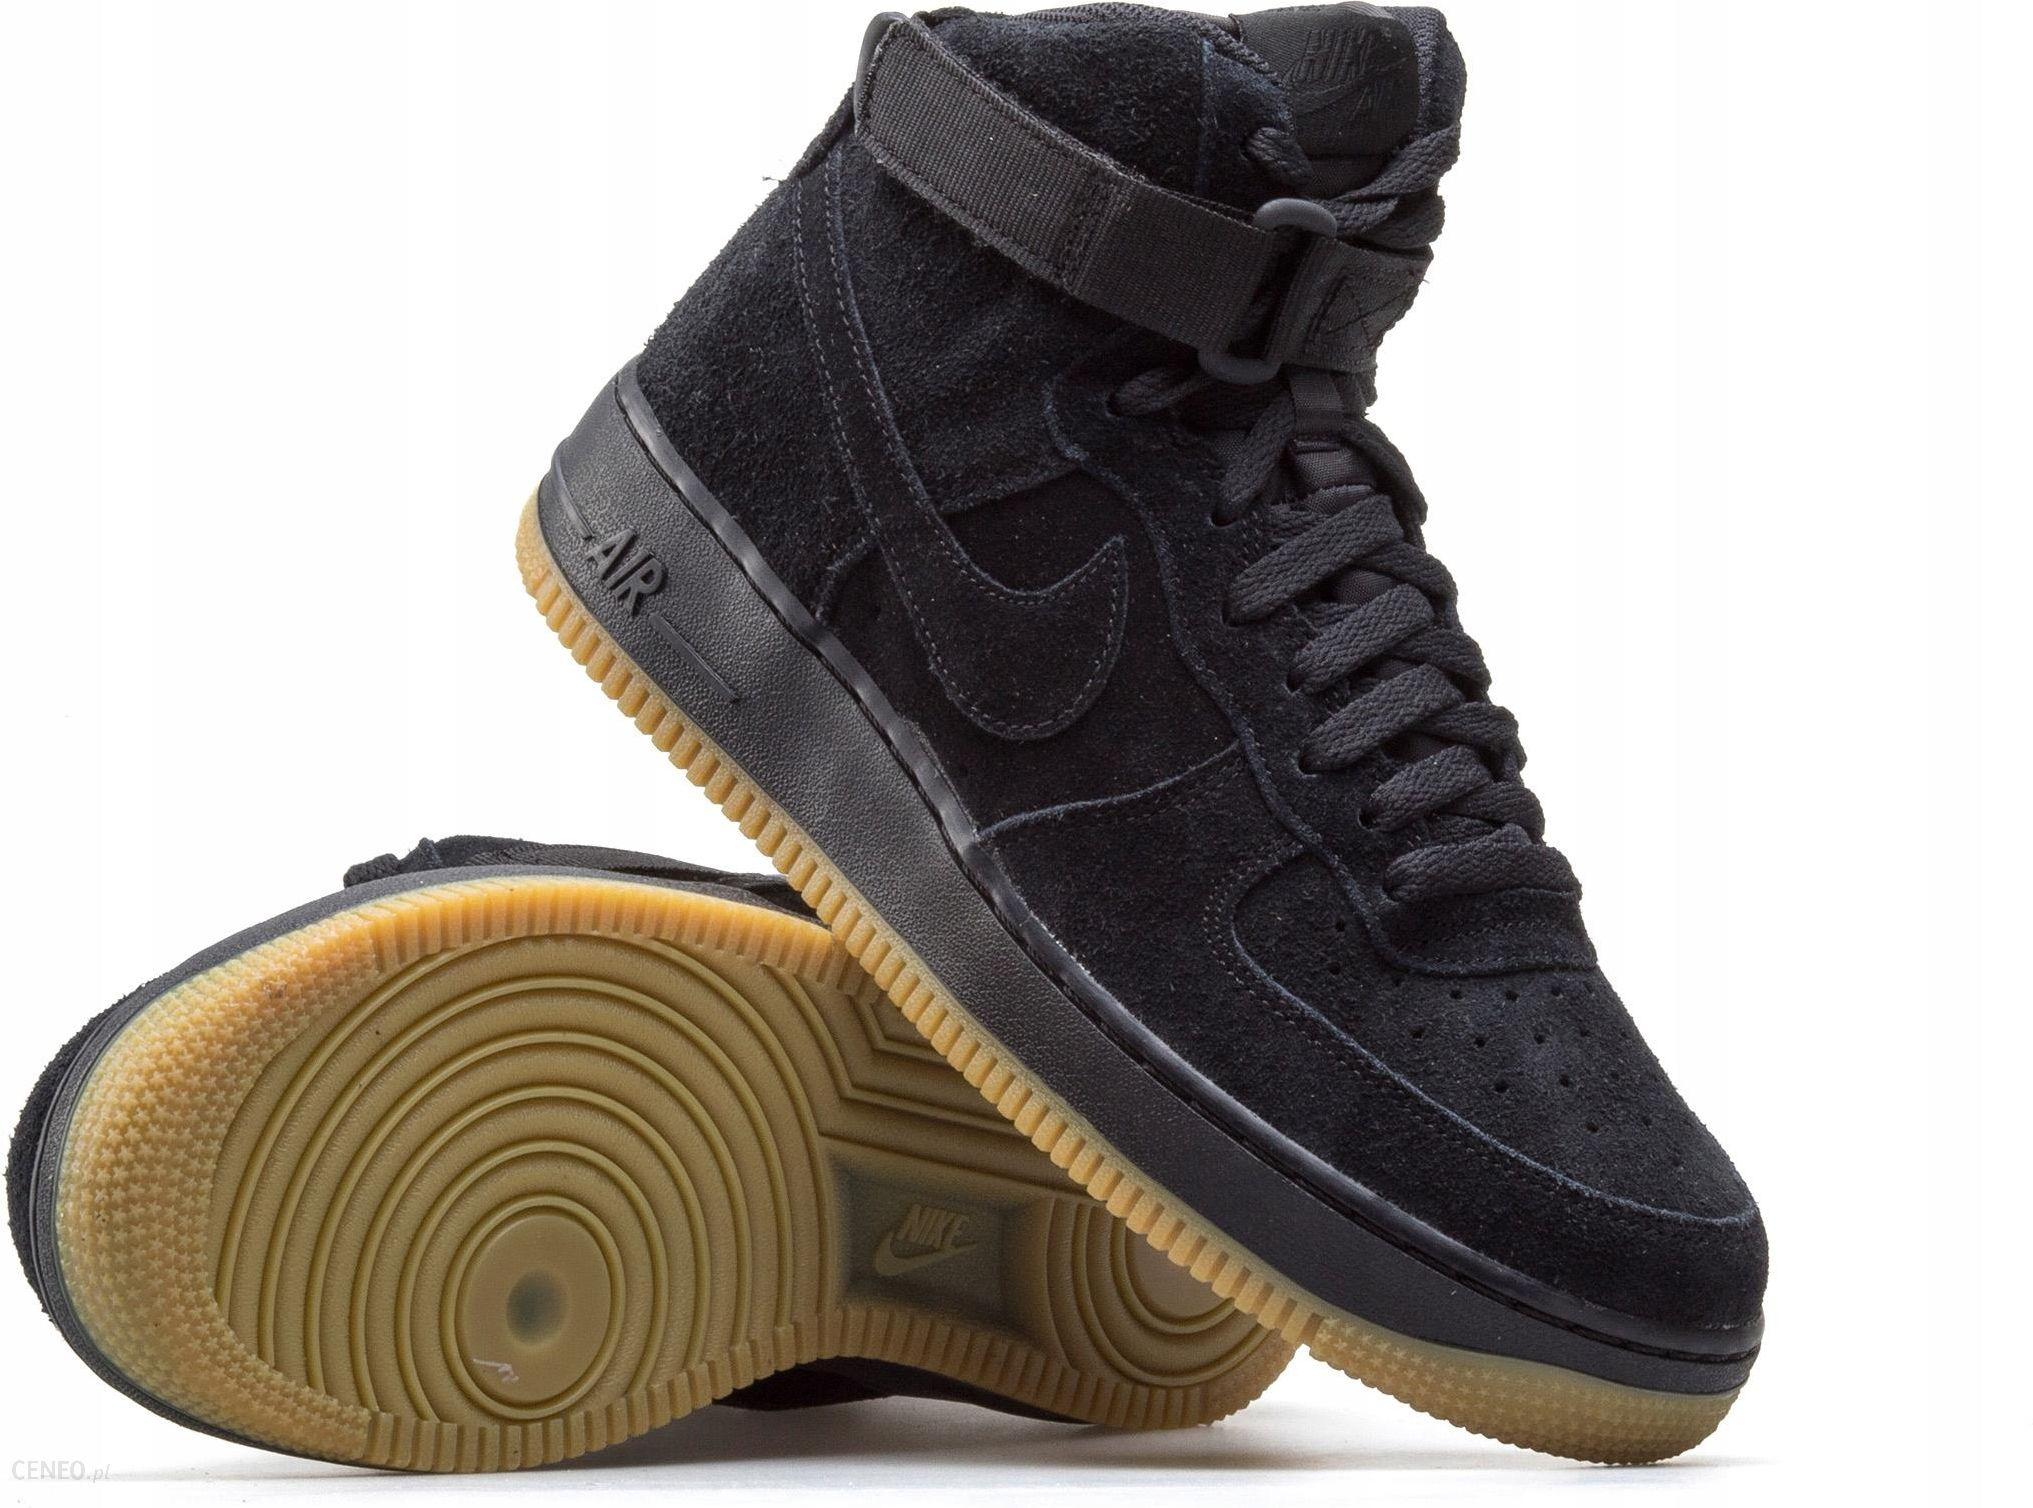 Damskie Buty Nike Air FORCE 1 r. 38,5 buty markowe Zdjęcie